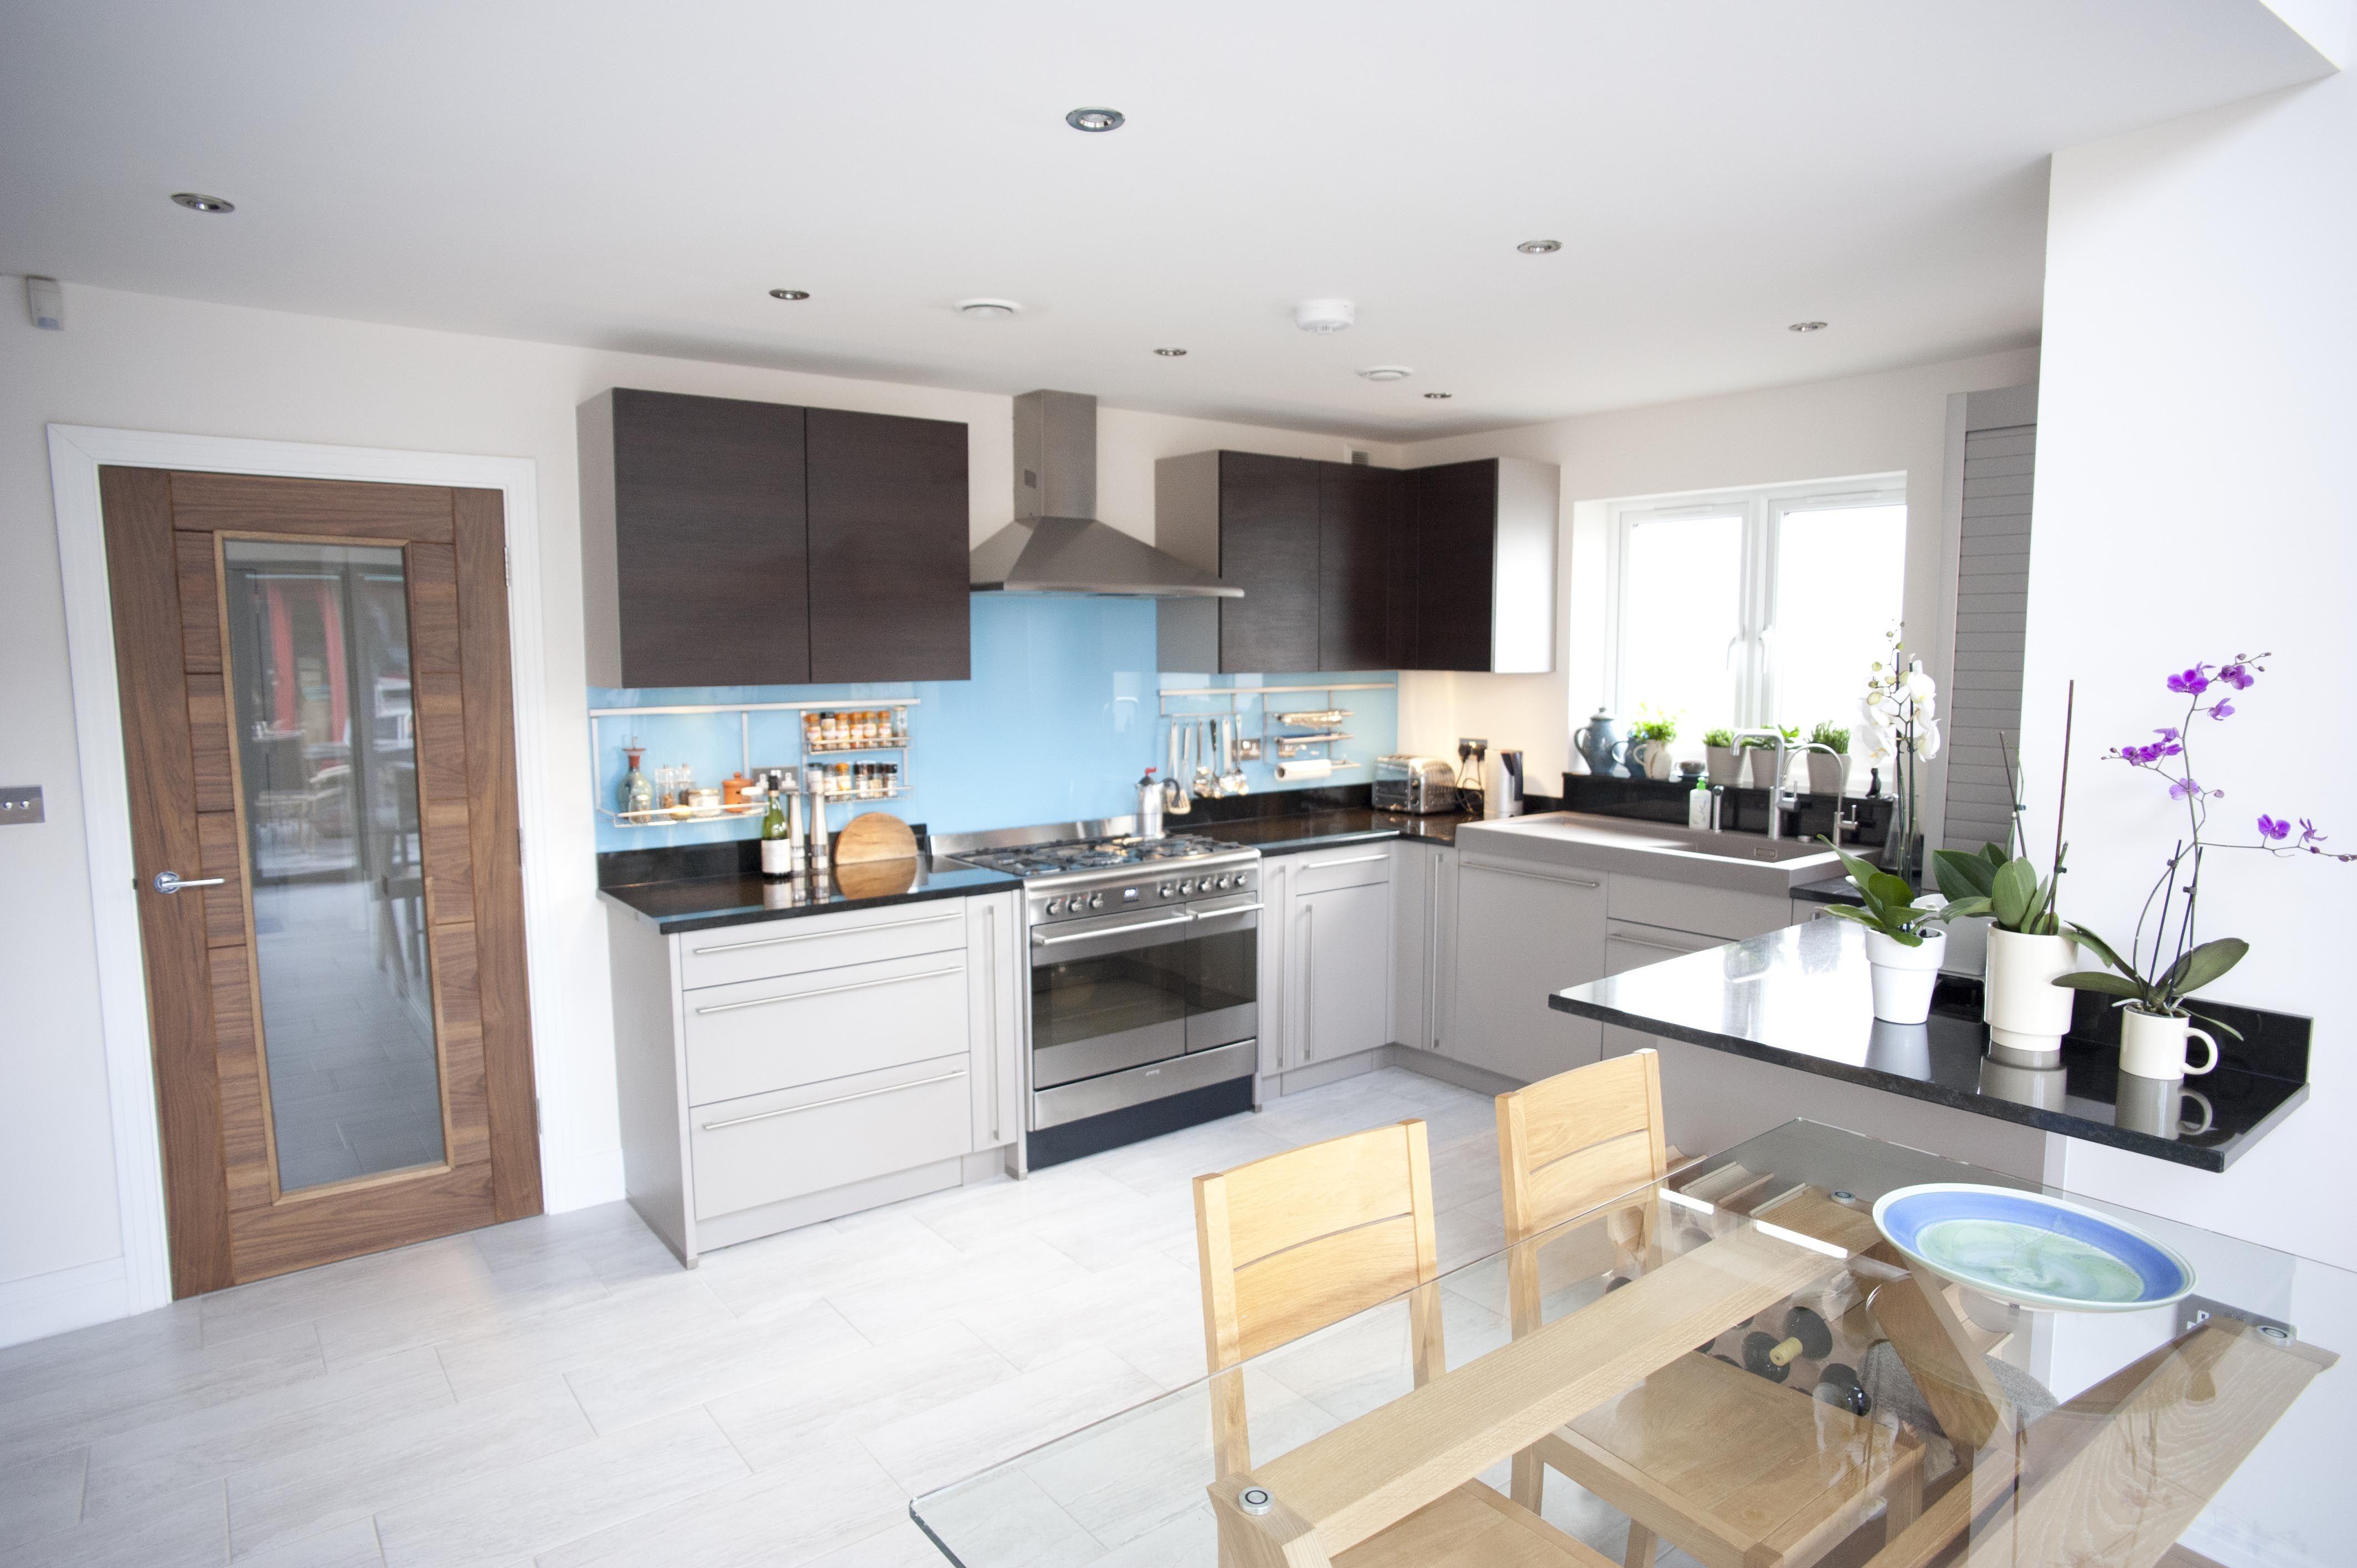 Nolte Kitchens | Pinterest | Cheshunt FC, Glass splashbacks and Kitchens